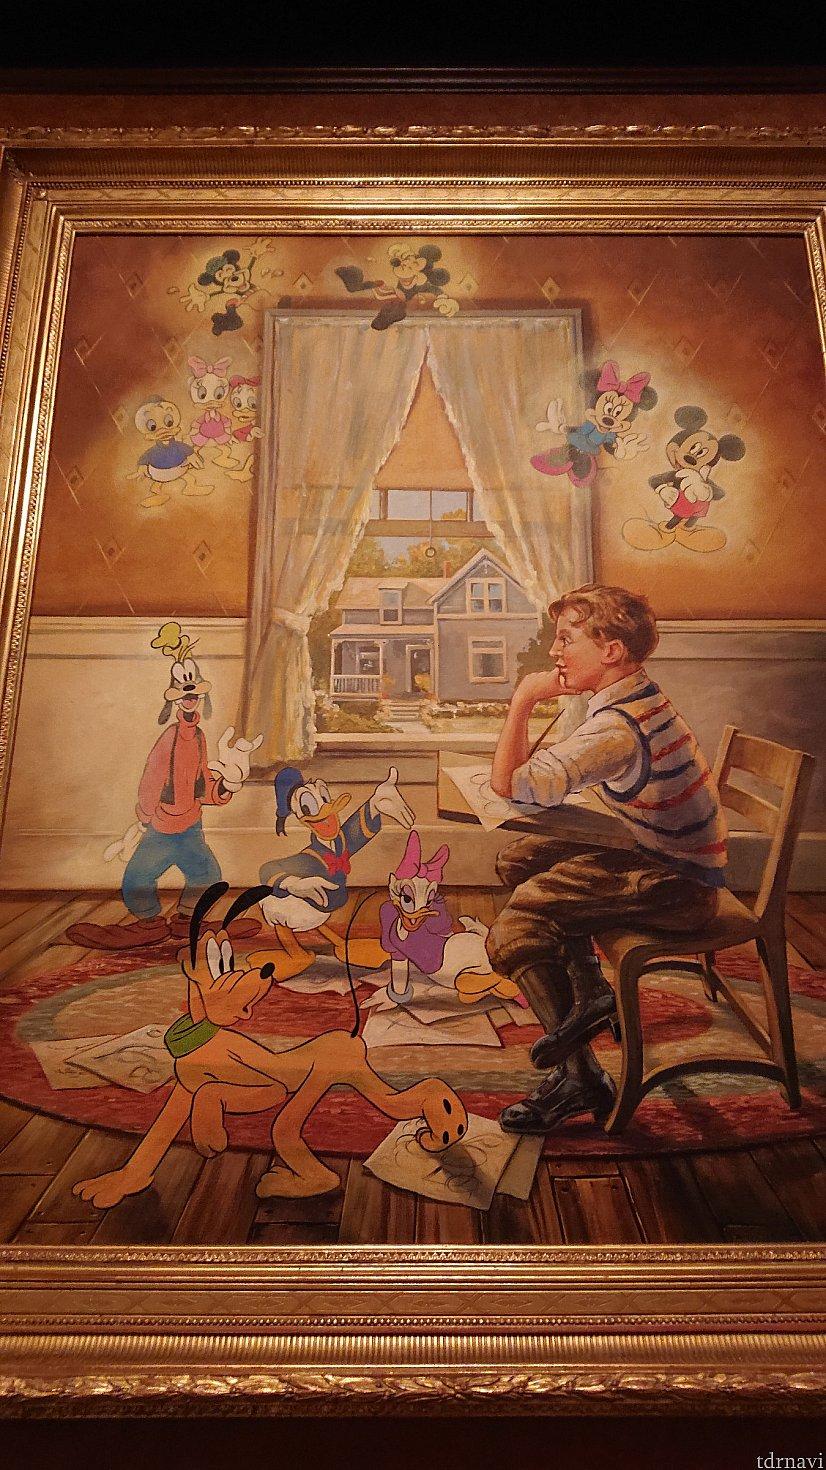 後ろにはこんなえも絵も…小さい頃、マーセリンで暮らしていた時のウォルトですかね?